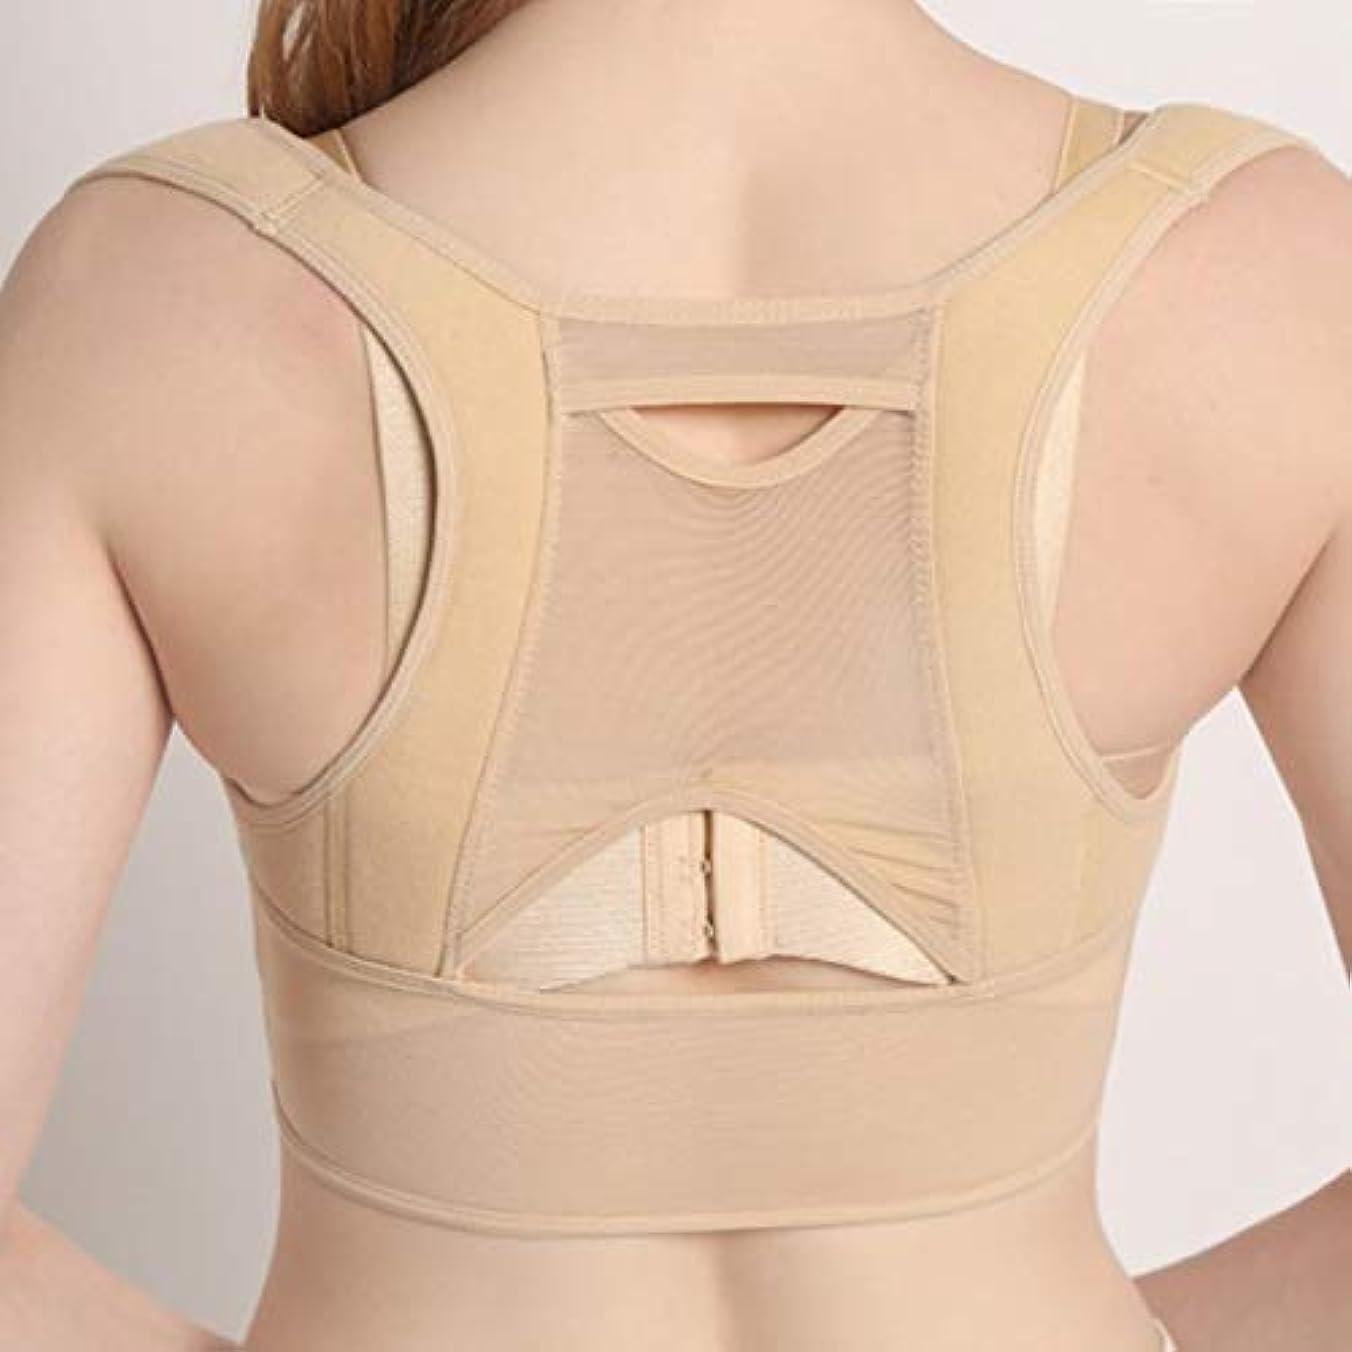 死素朴な布通気性のある女性バック姿勢矯正コルセット整形外科用アッパーバックショルダー脊椎姿勢矯正腰椎サポート - ベージュホワイト